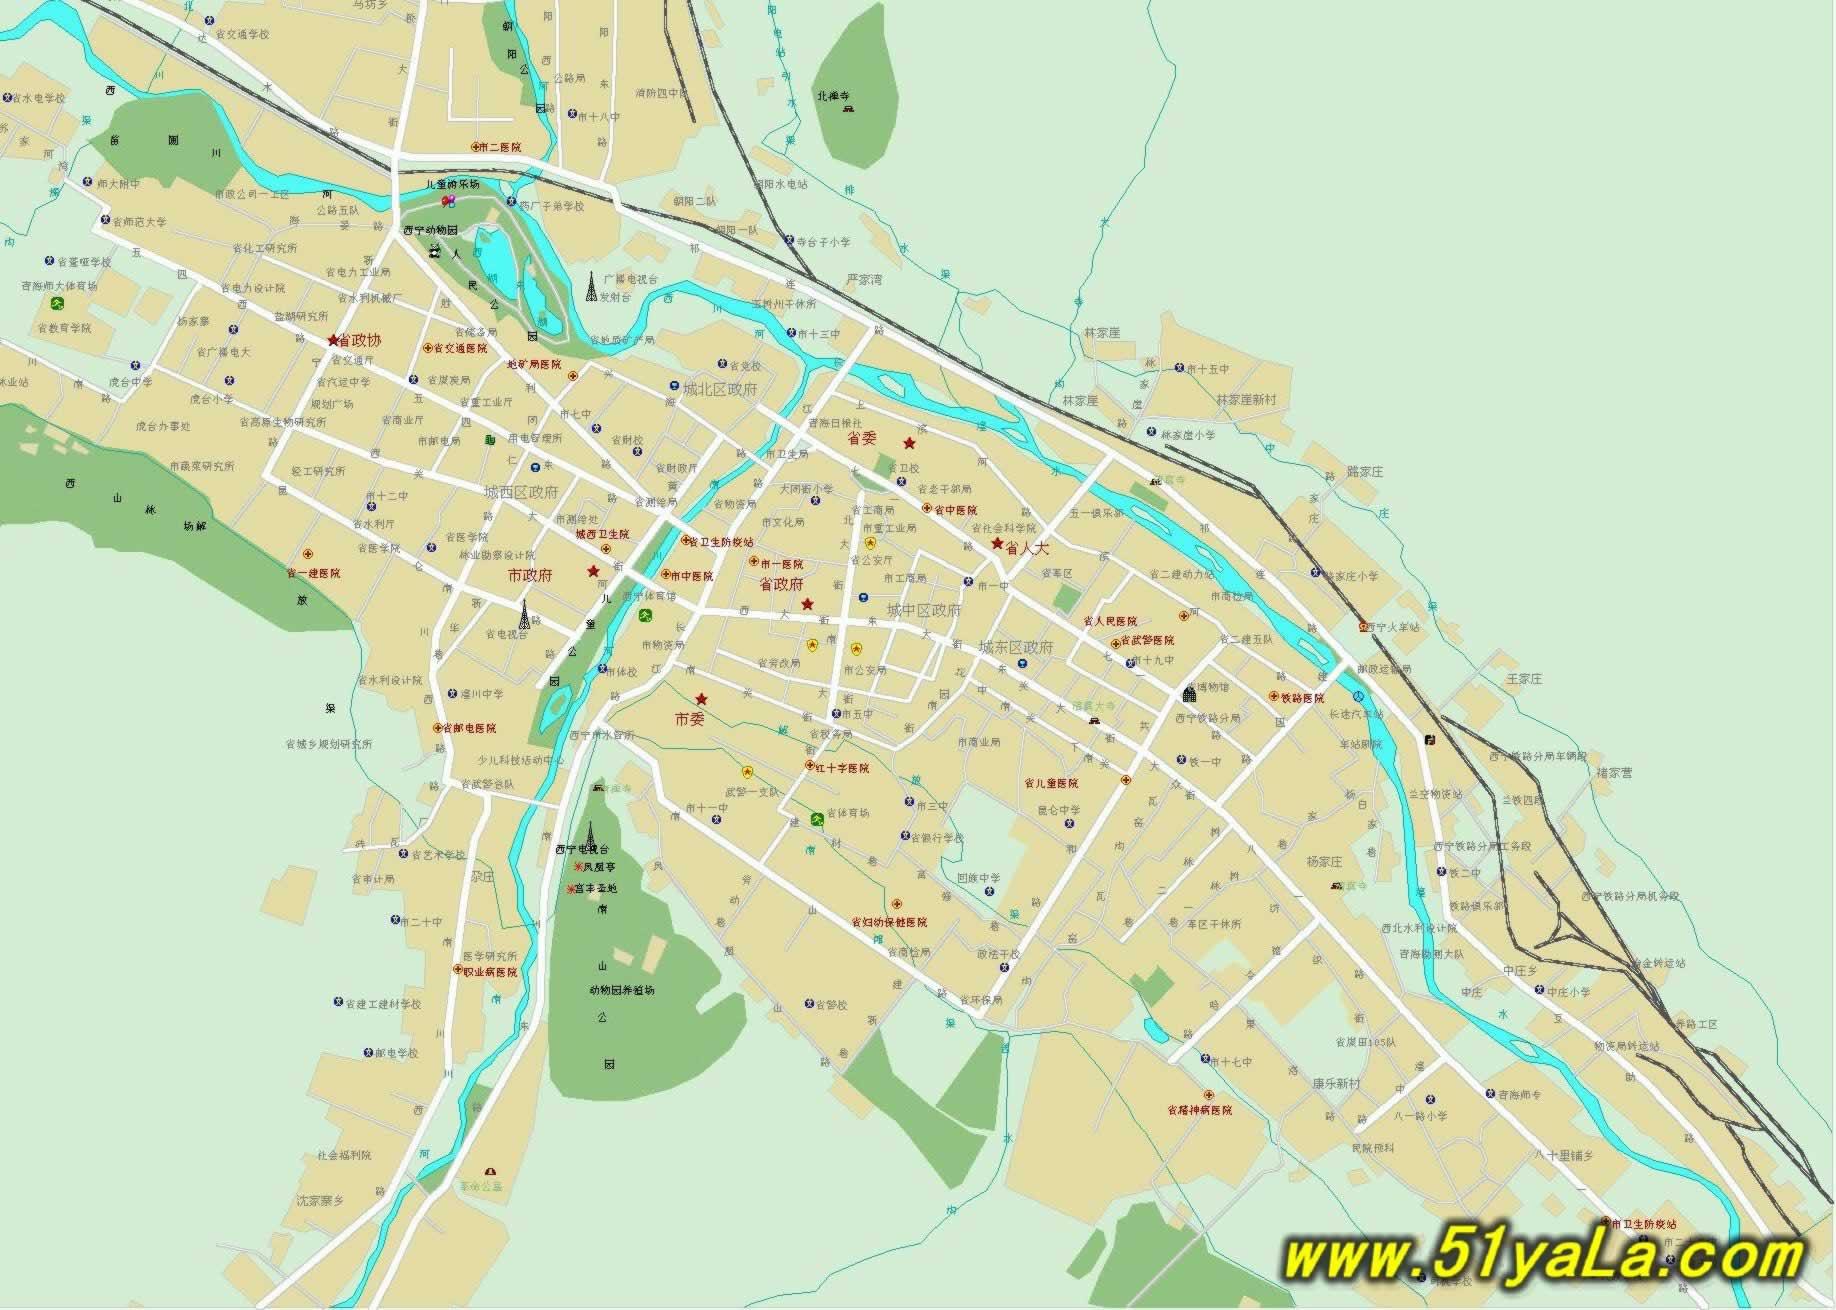 青海格尔木地图_青海旅游地图 青海旅游地图介绍 青海旅游地图网 中国旅游网